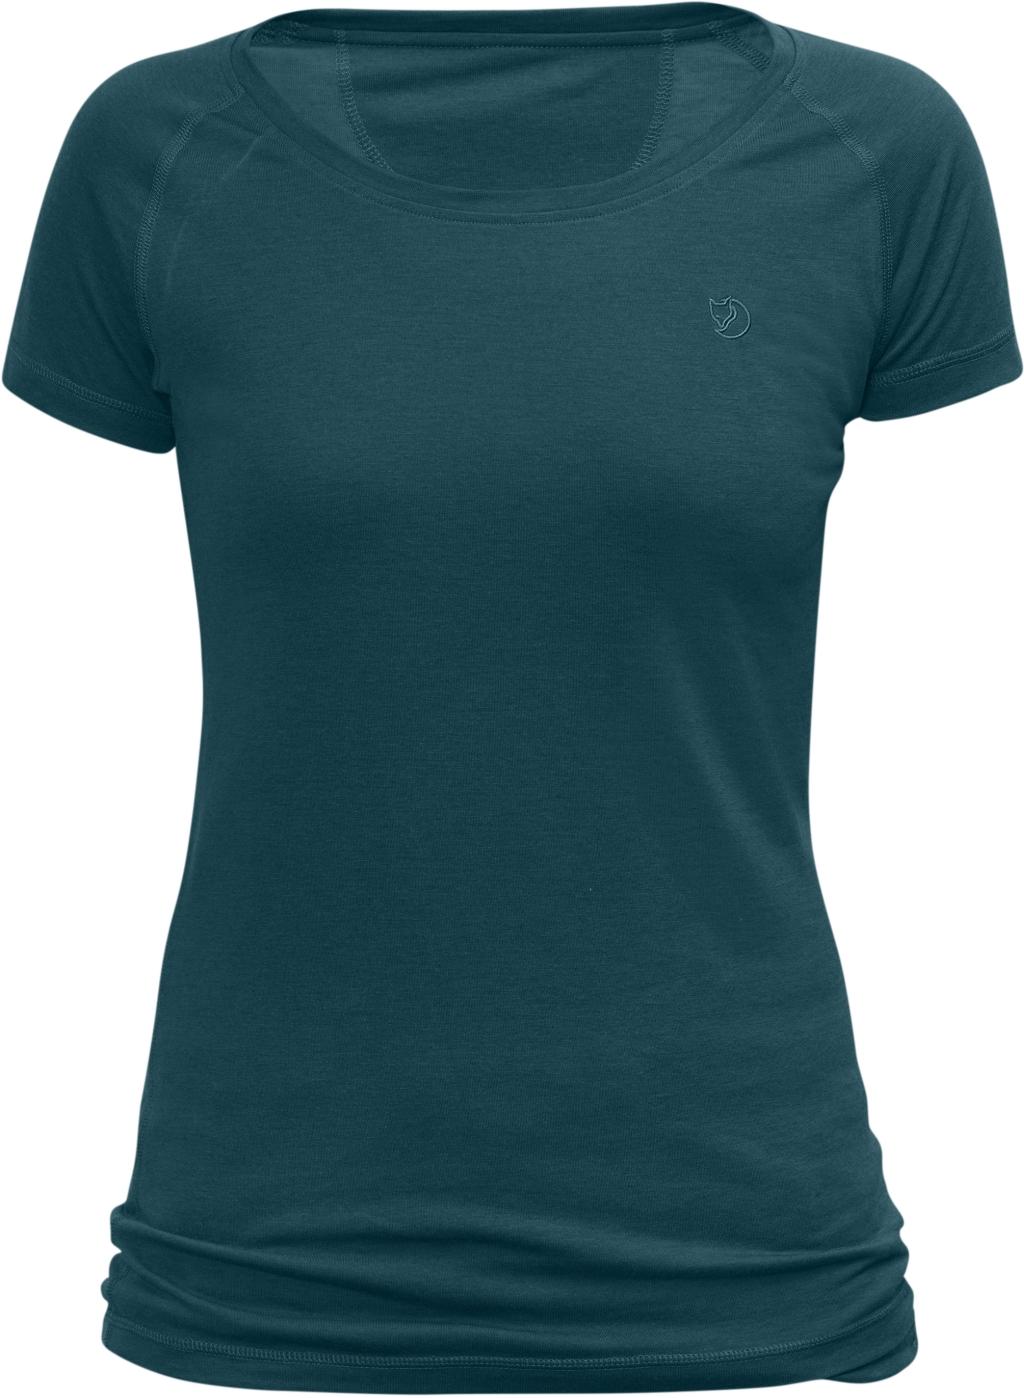 FjallRaven Abisko Trail T-Shirt W Glacier Green-30